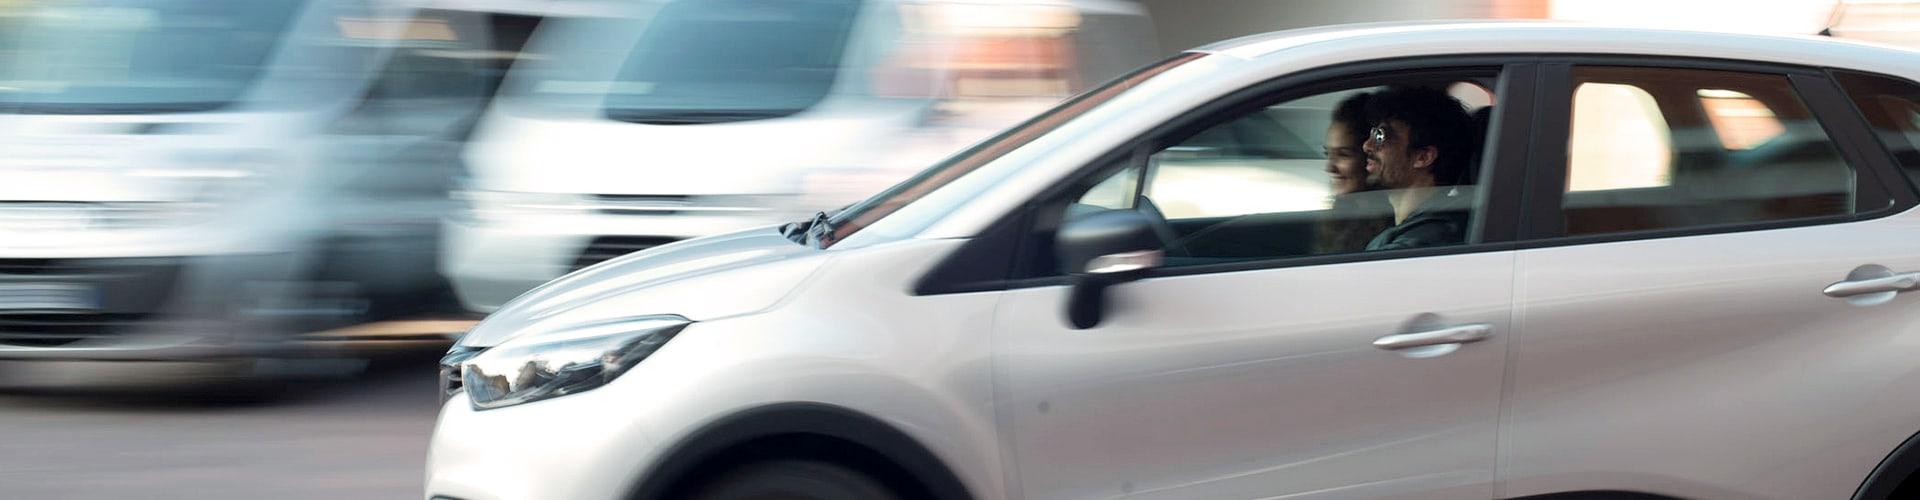 coppia-guida-auto-velocita